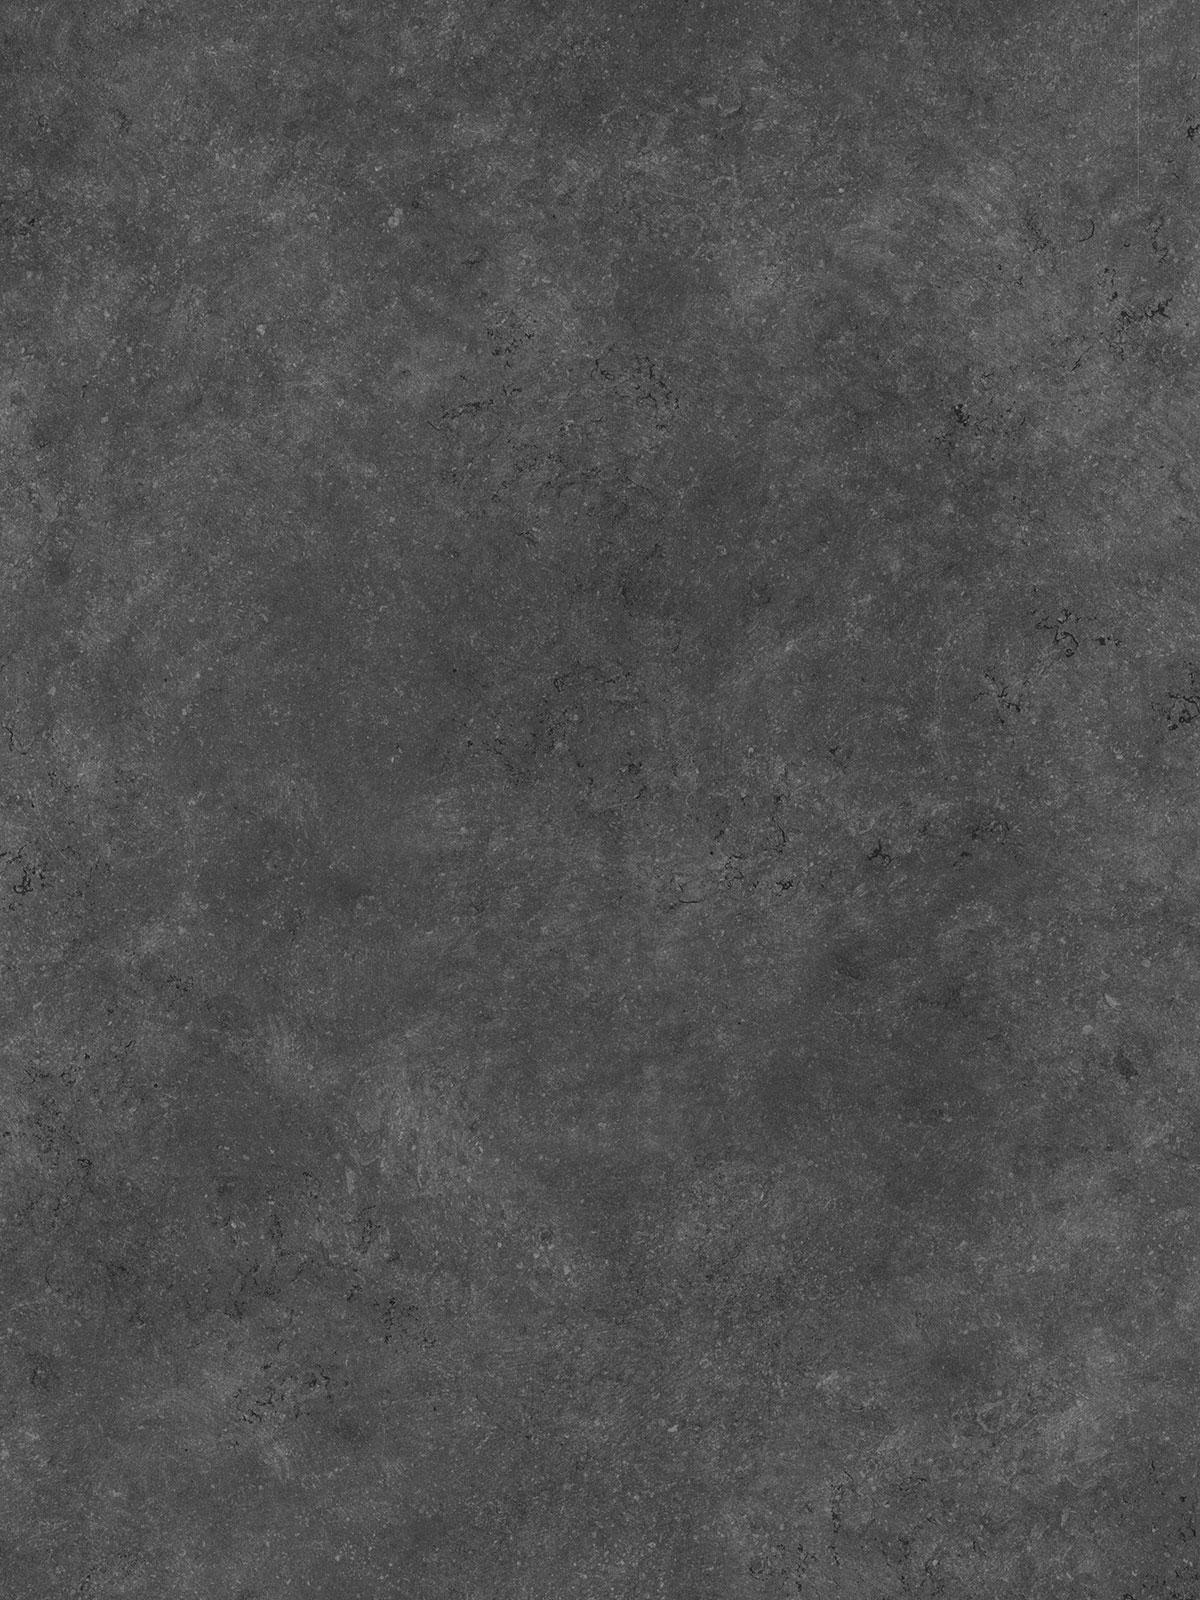 APLA Küchenarbeitsplatten GmbH 6424 Blackstone